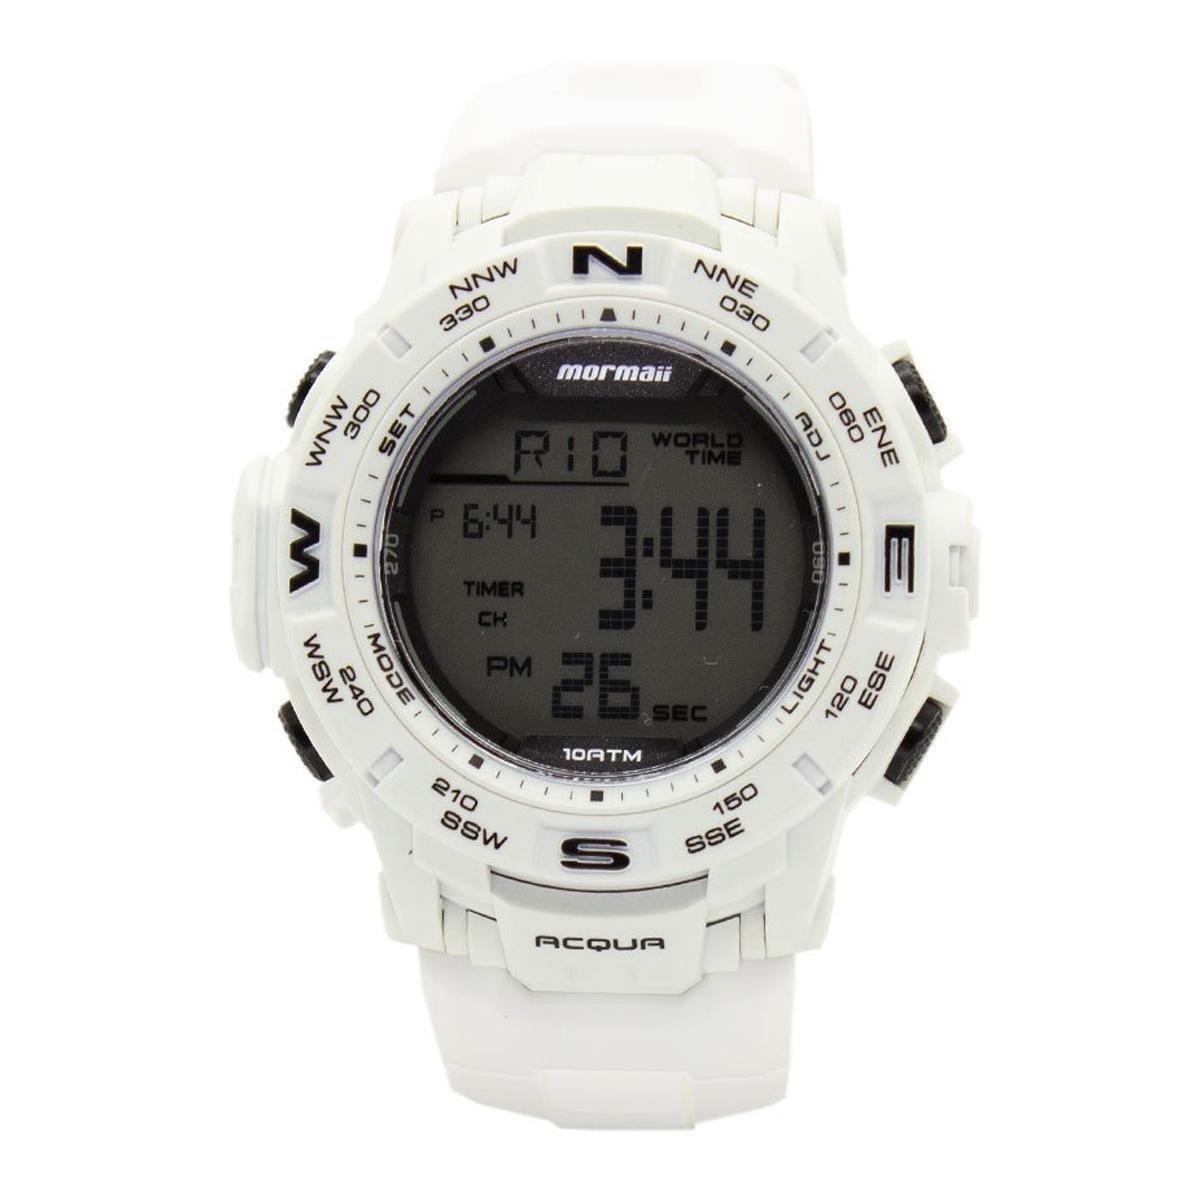 3001b1e035b Relógio Digital Mormaii Interestelar Masculino - Compre Agora